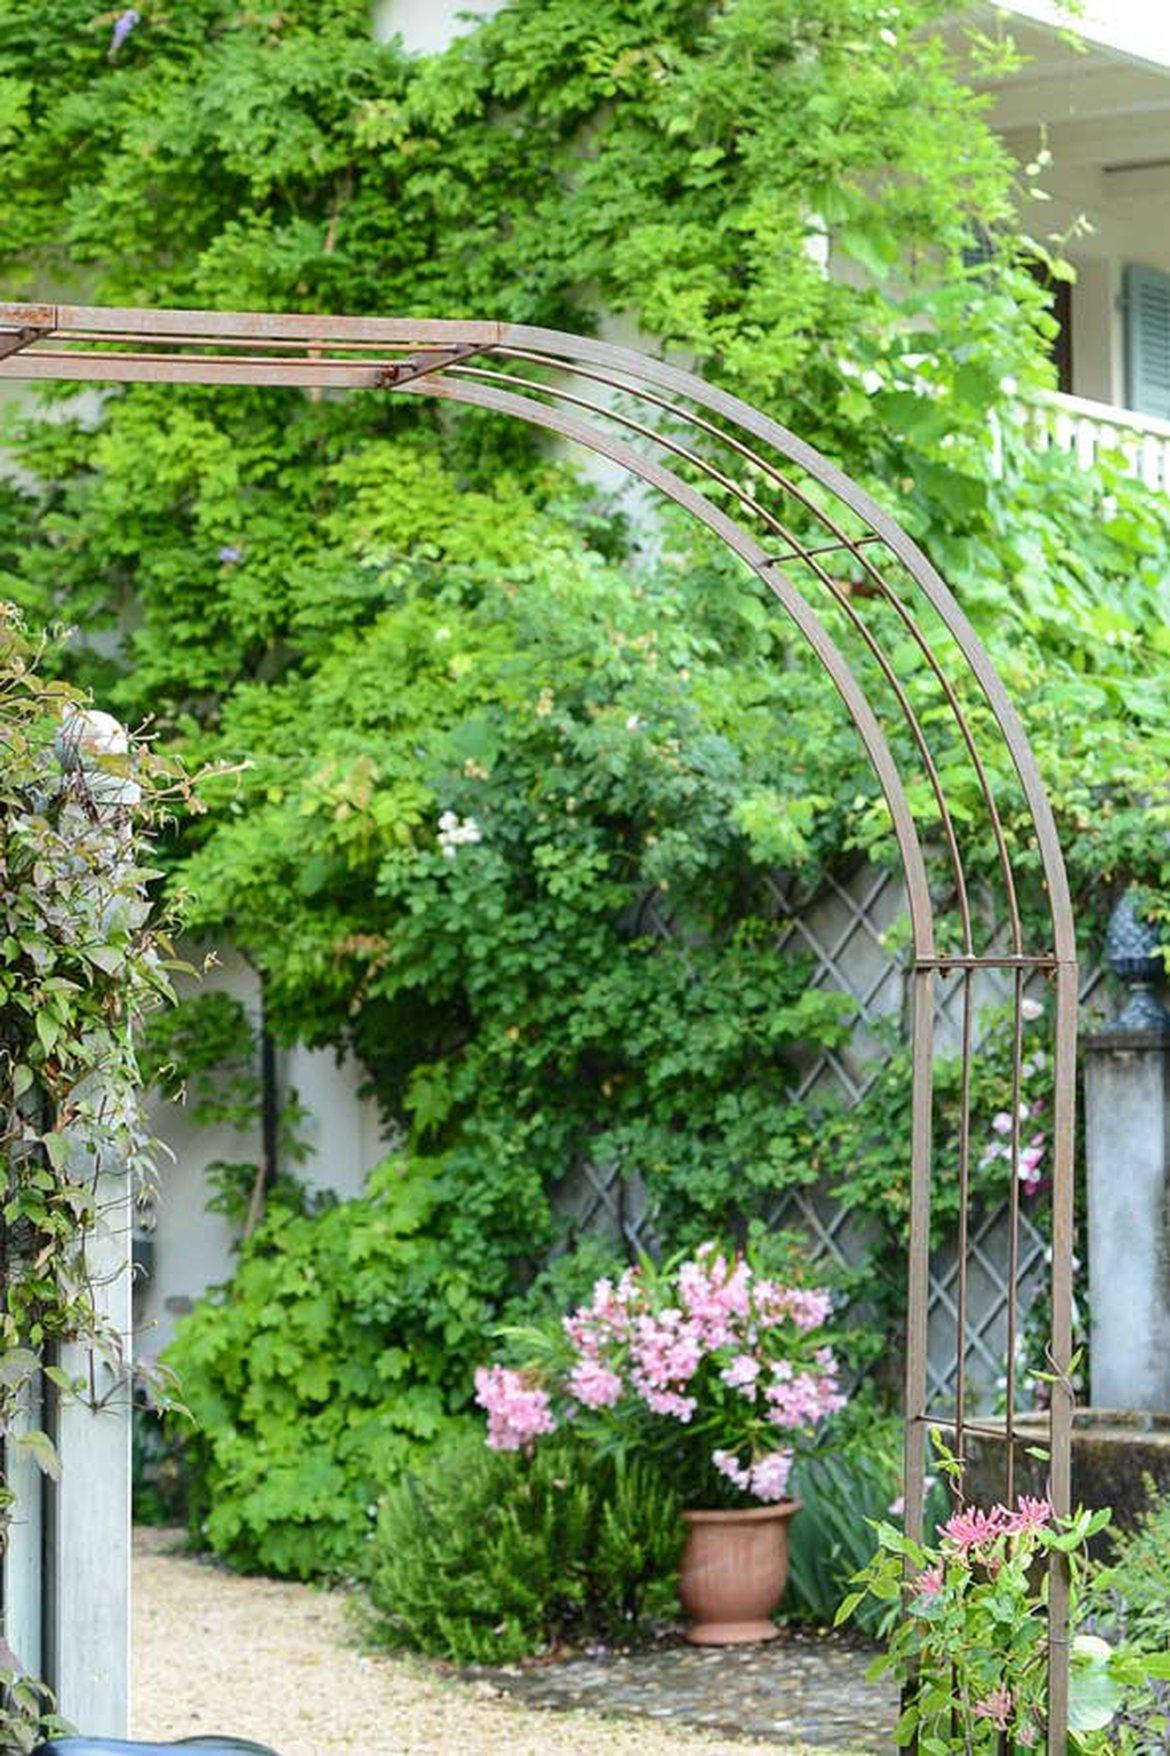 Repensez L'aménagement De Votre Jardin | Schilliger à Arceau Jardin